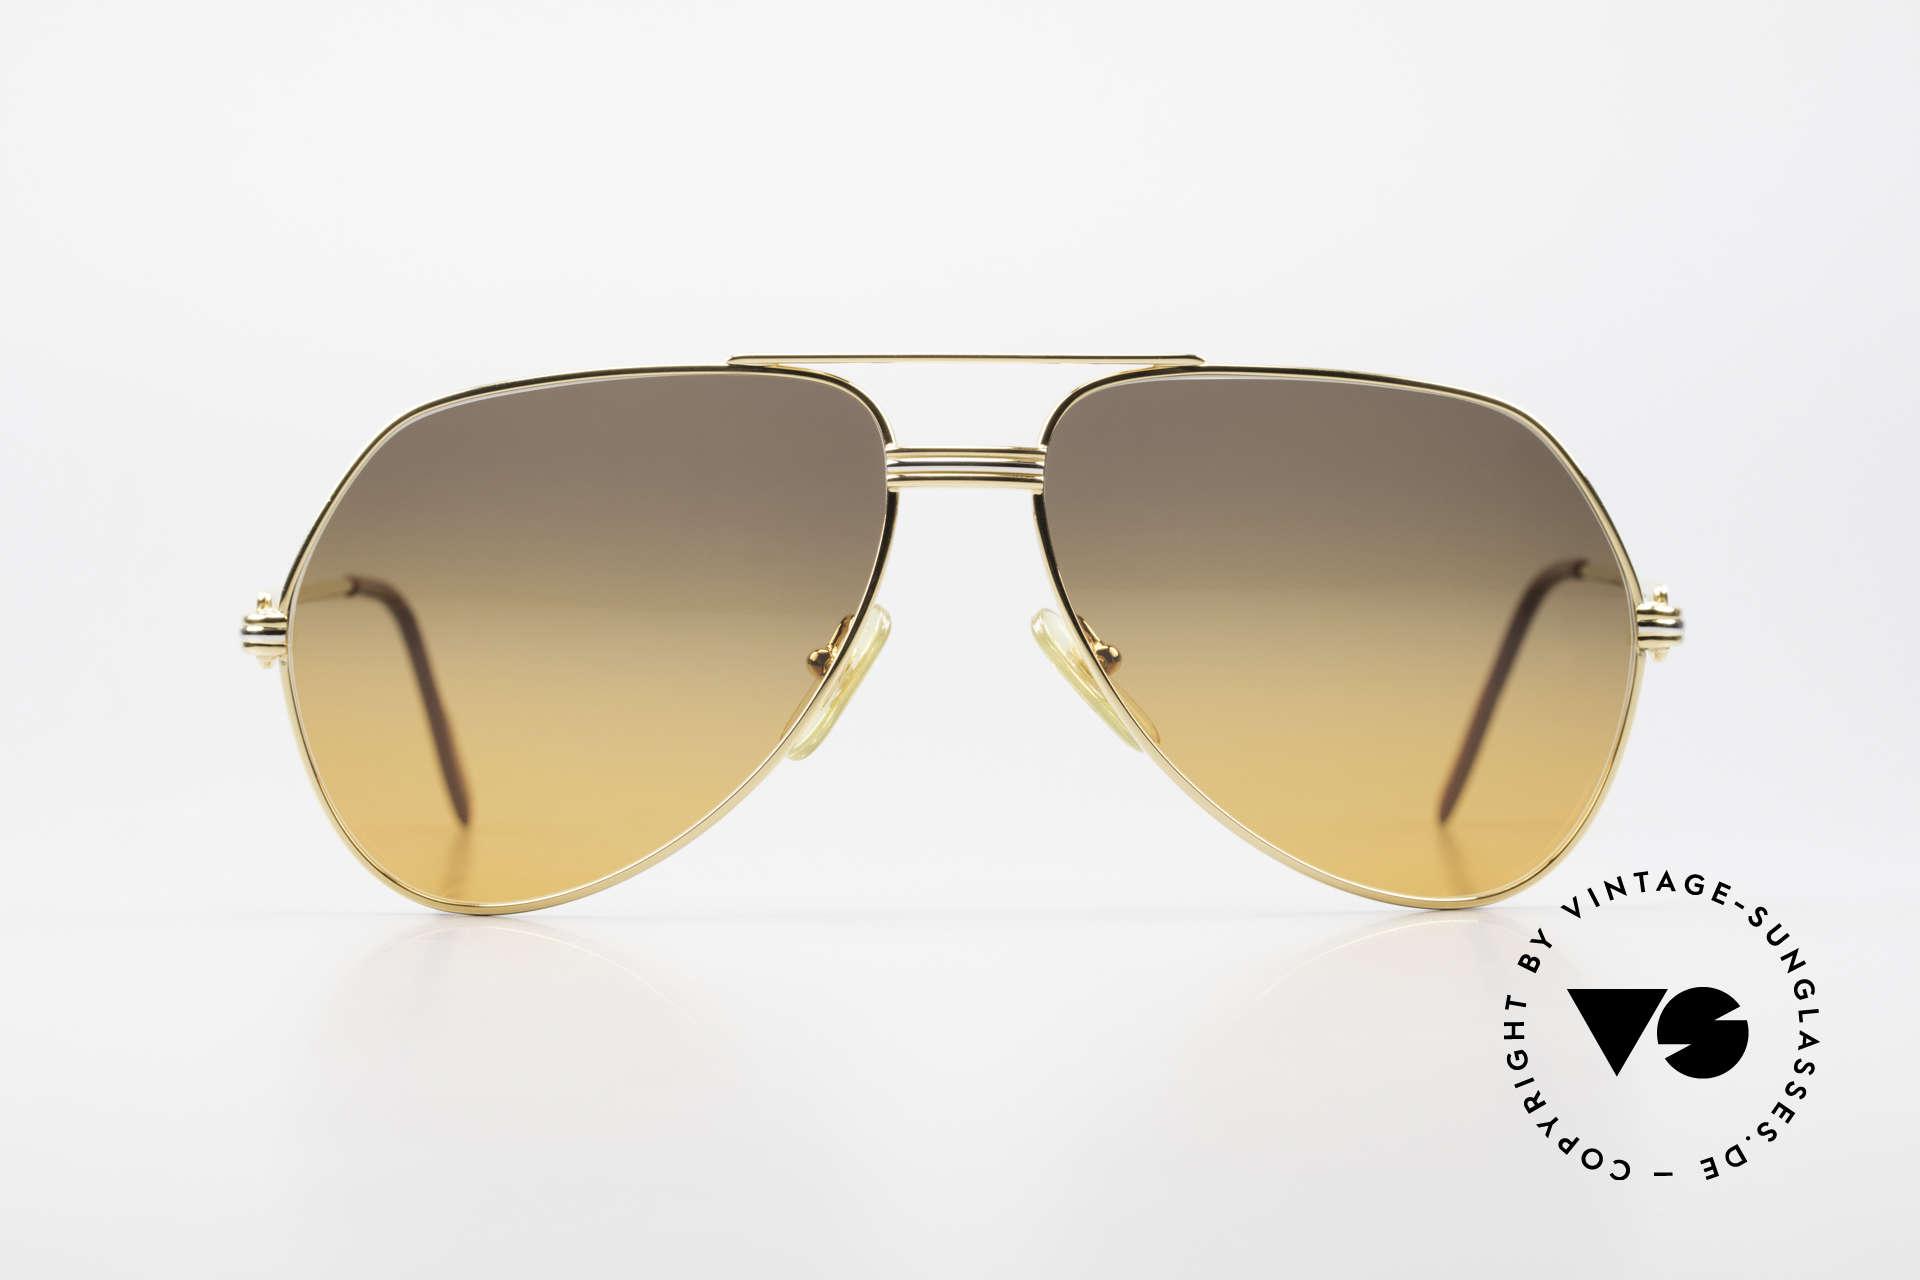 Cartier Vendome LC - M Film-Sonnenbrille Wall Street, wurde 1983 veröffentlicht & dann bis 1997 produziert, Passend für Herren und Damen